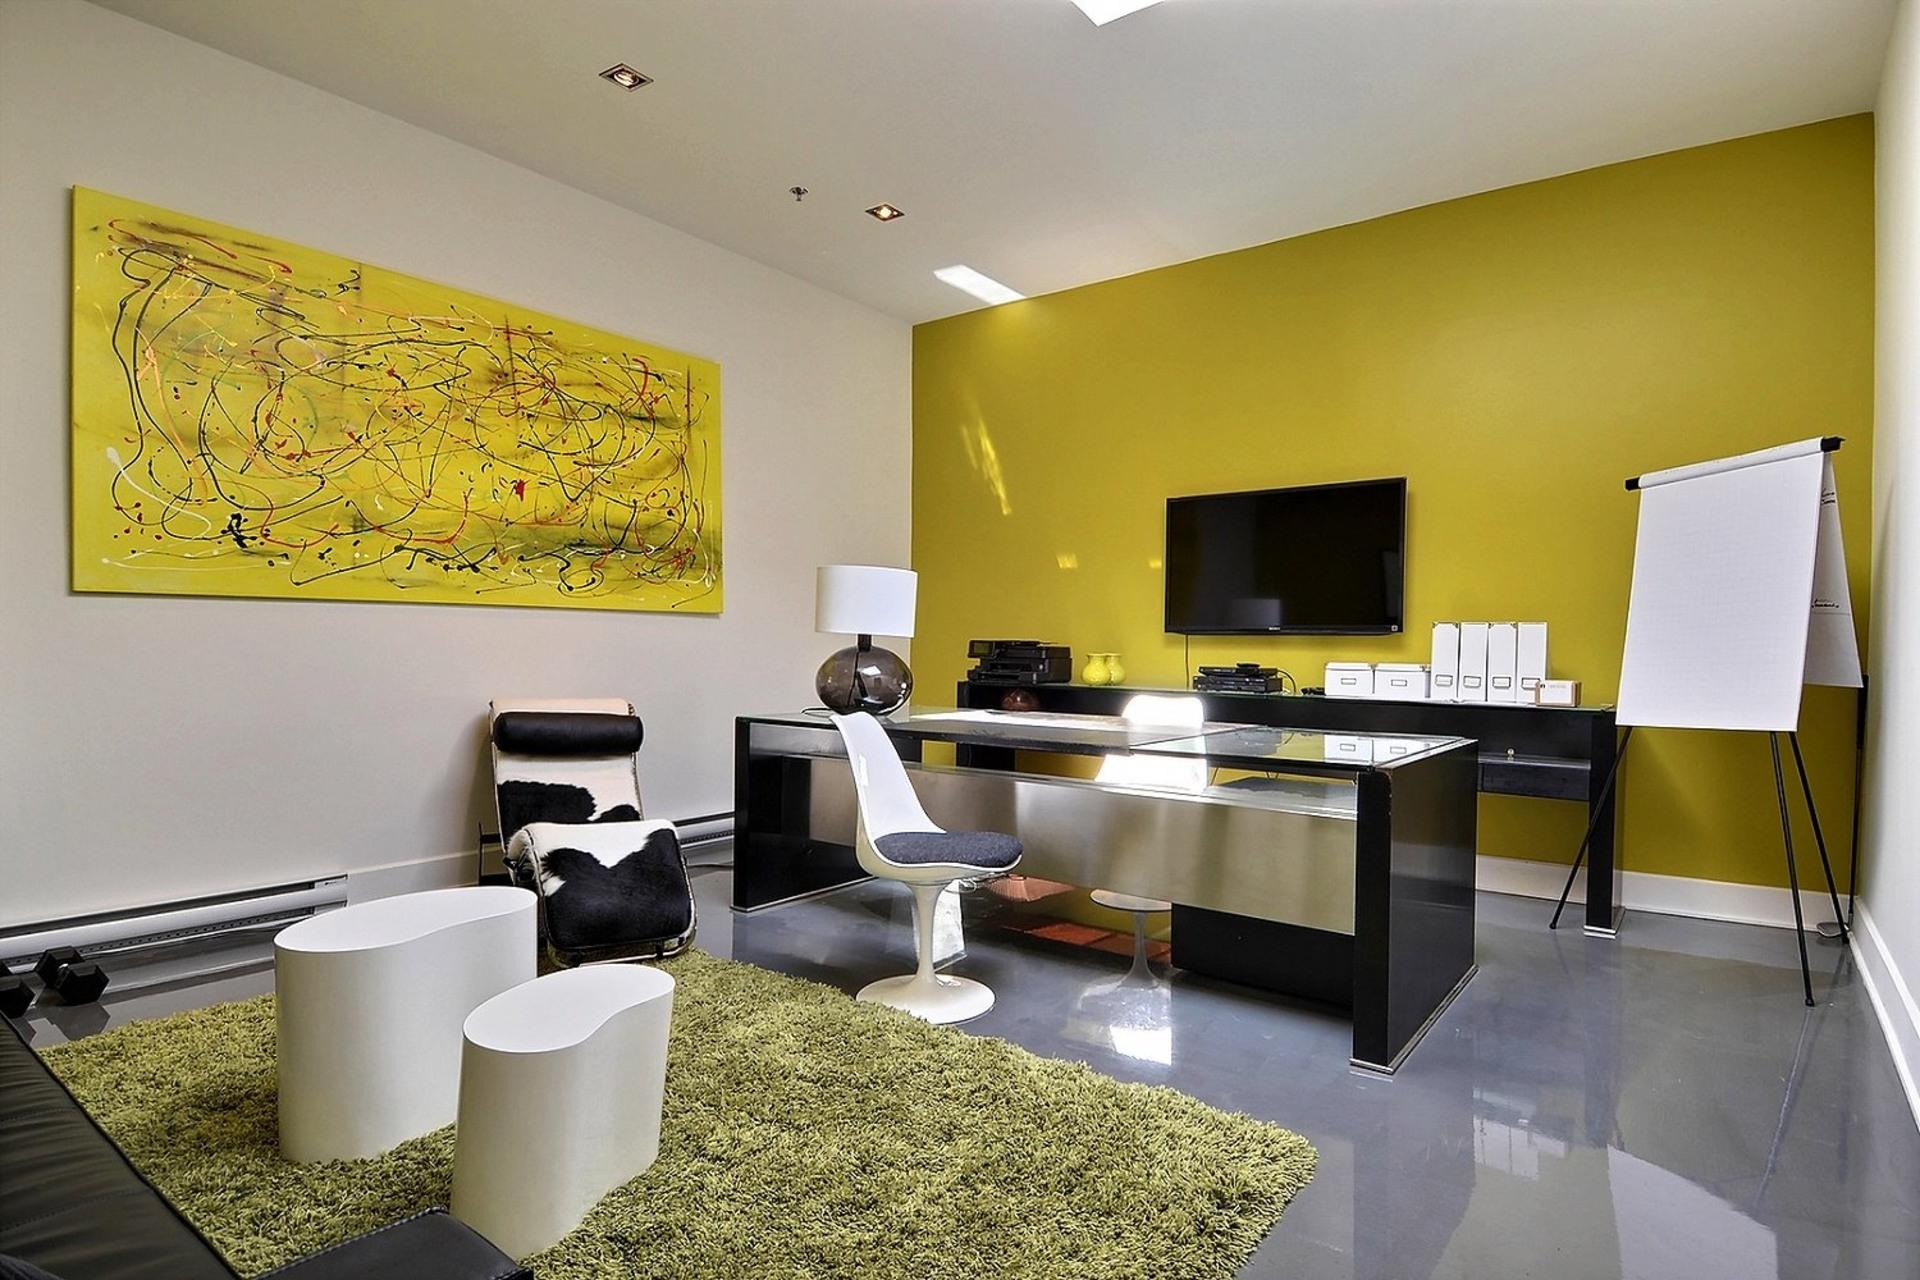 image 3 - Appartement À vendre Montréal Ville-Marie - 8 pièces